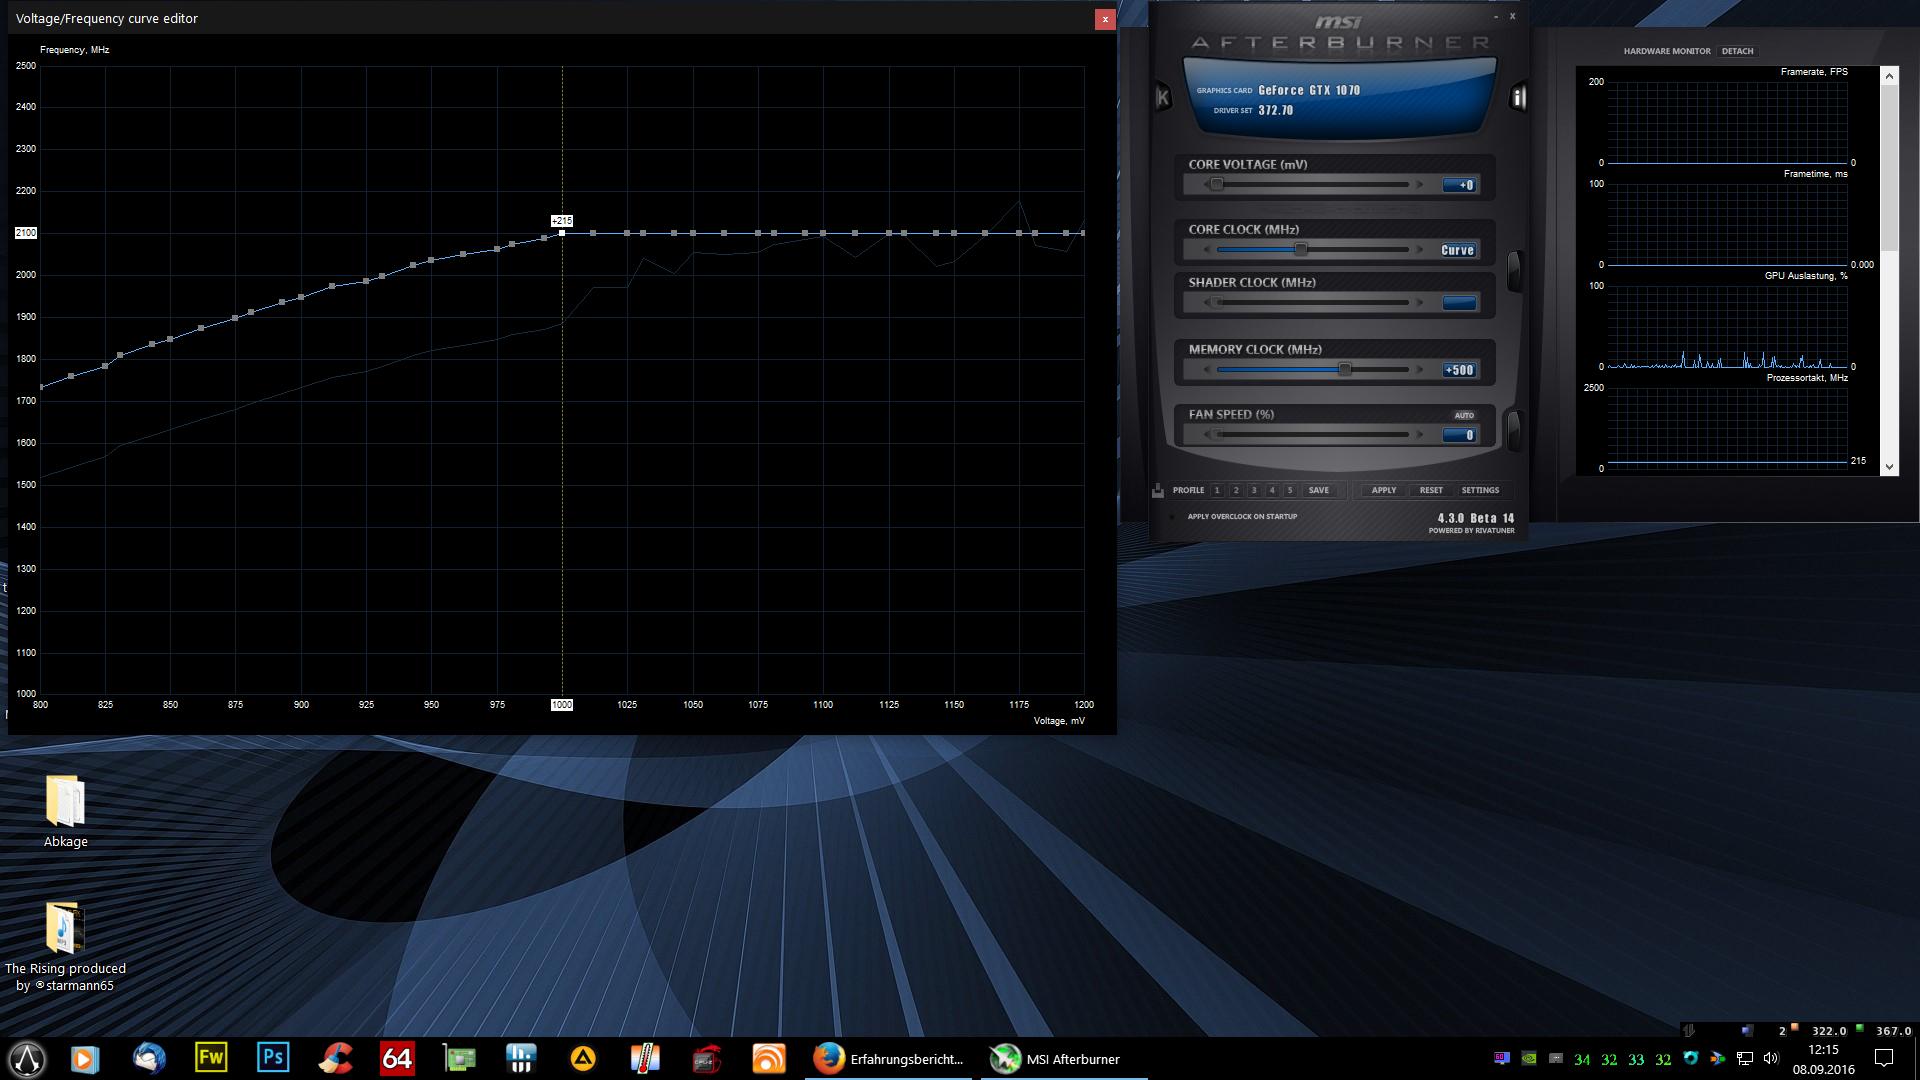 Klicke auf die Grafik für eine größere Ansicht  Name:Curve-Profil 2100 MHz bei 1,0 Volt.jpg Hits:356 Größe:726,3 KB ID:579509